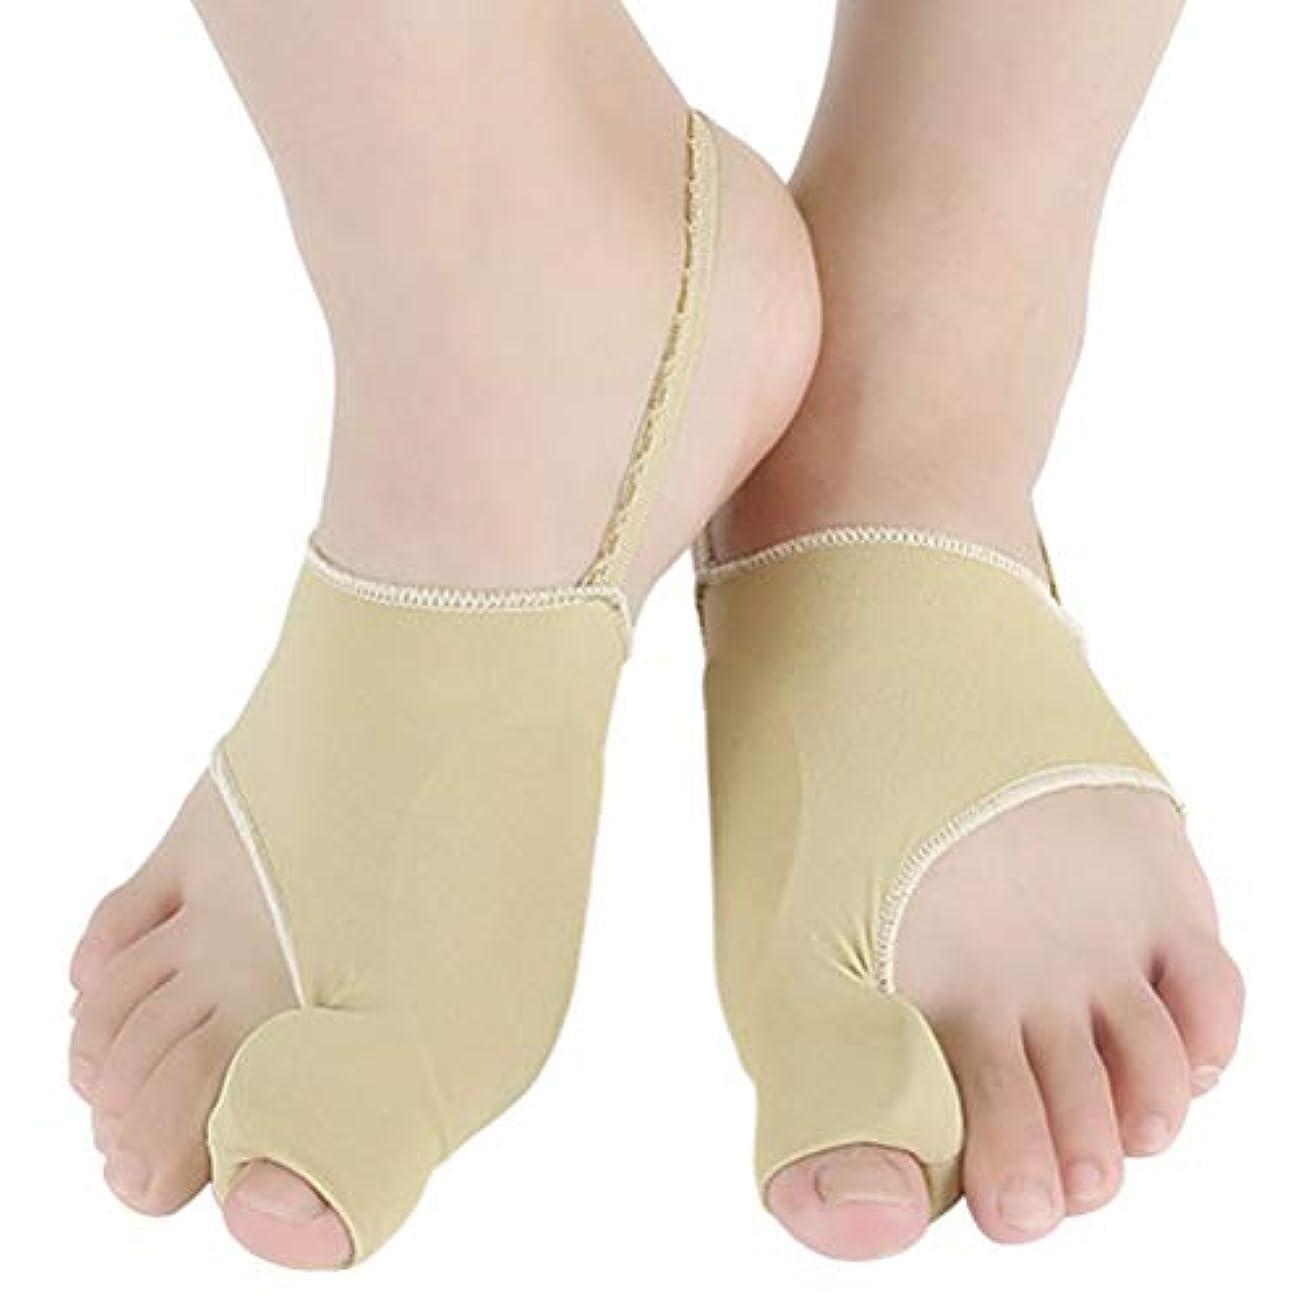 力学意識砂のHeallily 足首矯正用1対のつま先ブレース親指調整可能な腱膜プロテクター副脚の母趾外反治療用(カーキサイズL)